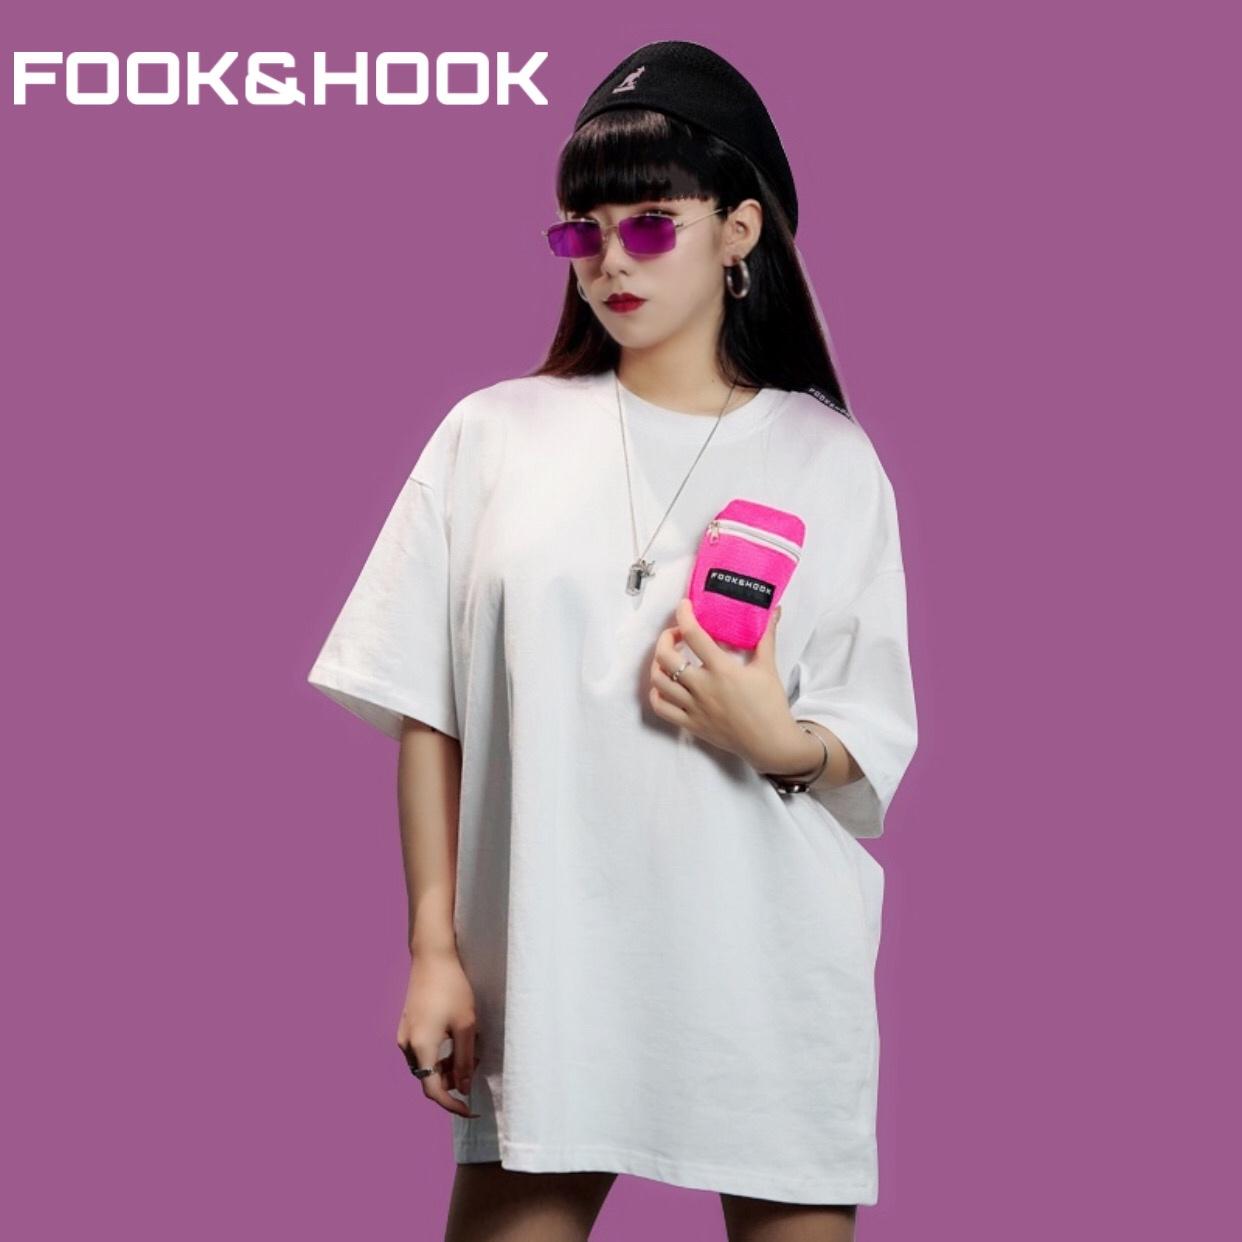 【FH】FOOK&HOOK国朝オリジナルデザイナーブランド胸ポケット半袖Tシャツ男女を自由に交換してください。